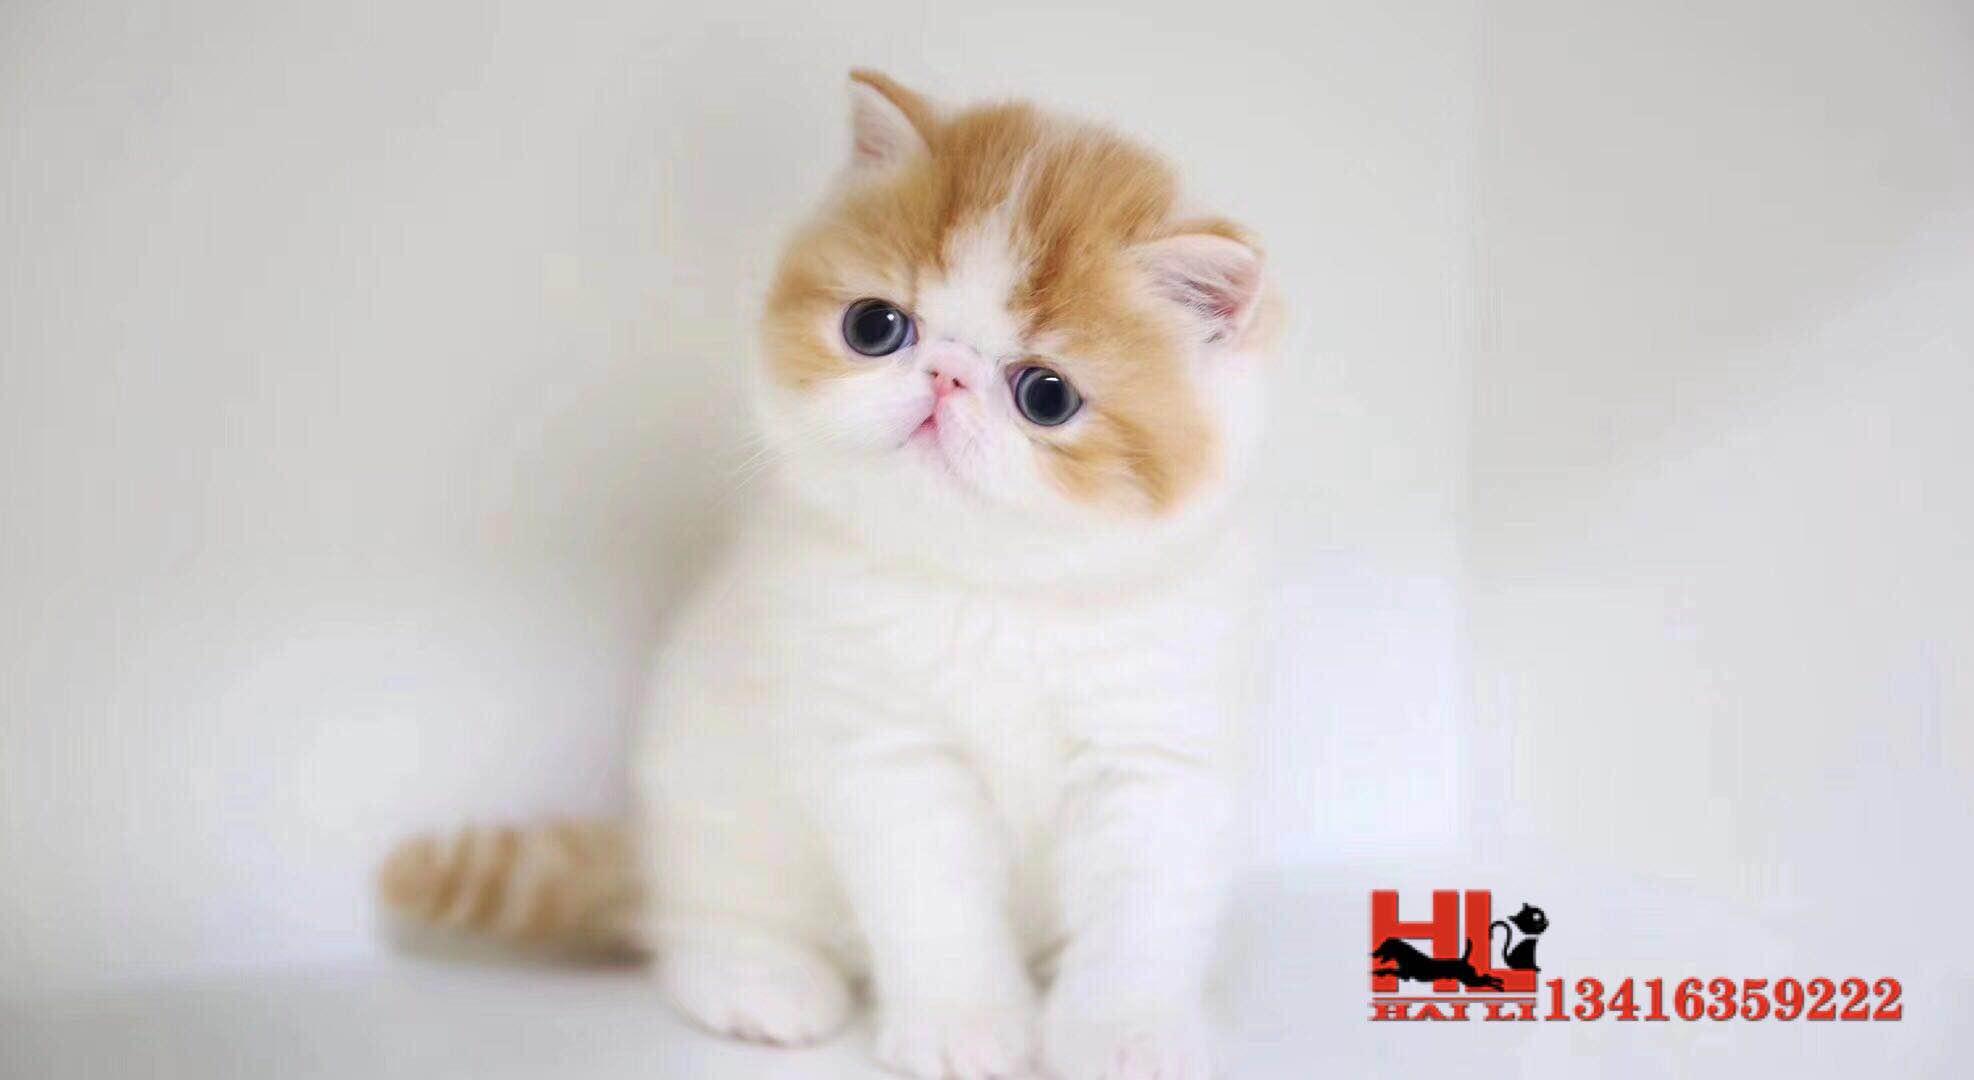 香港高品质加菲宝宝找家长 健康漂亮 欢迎咨询